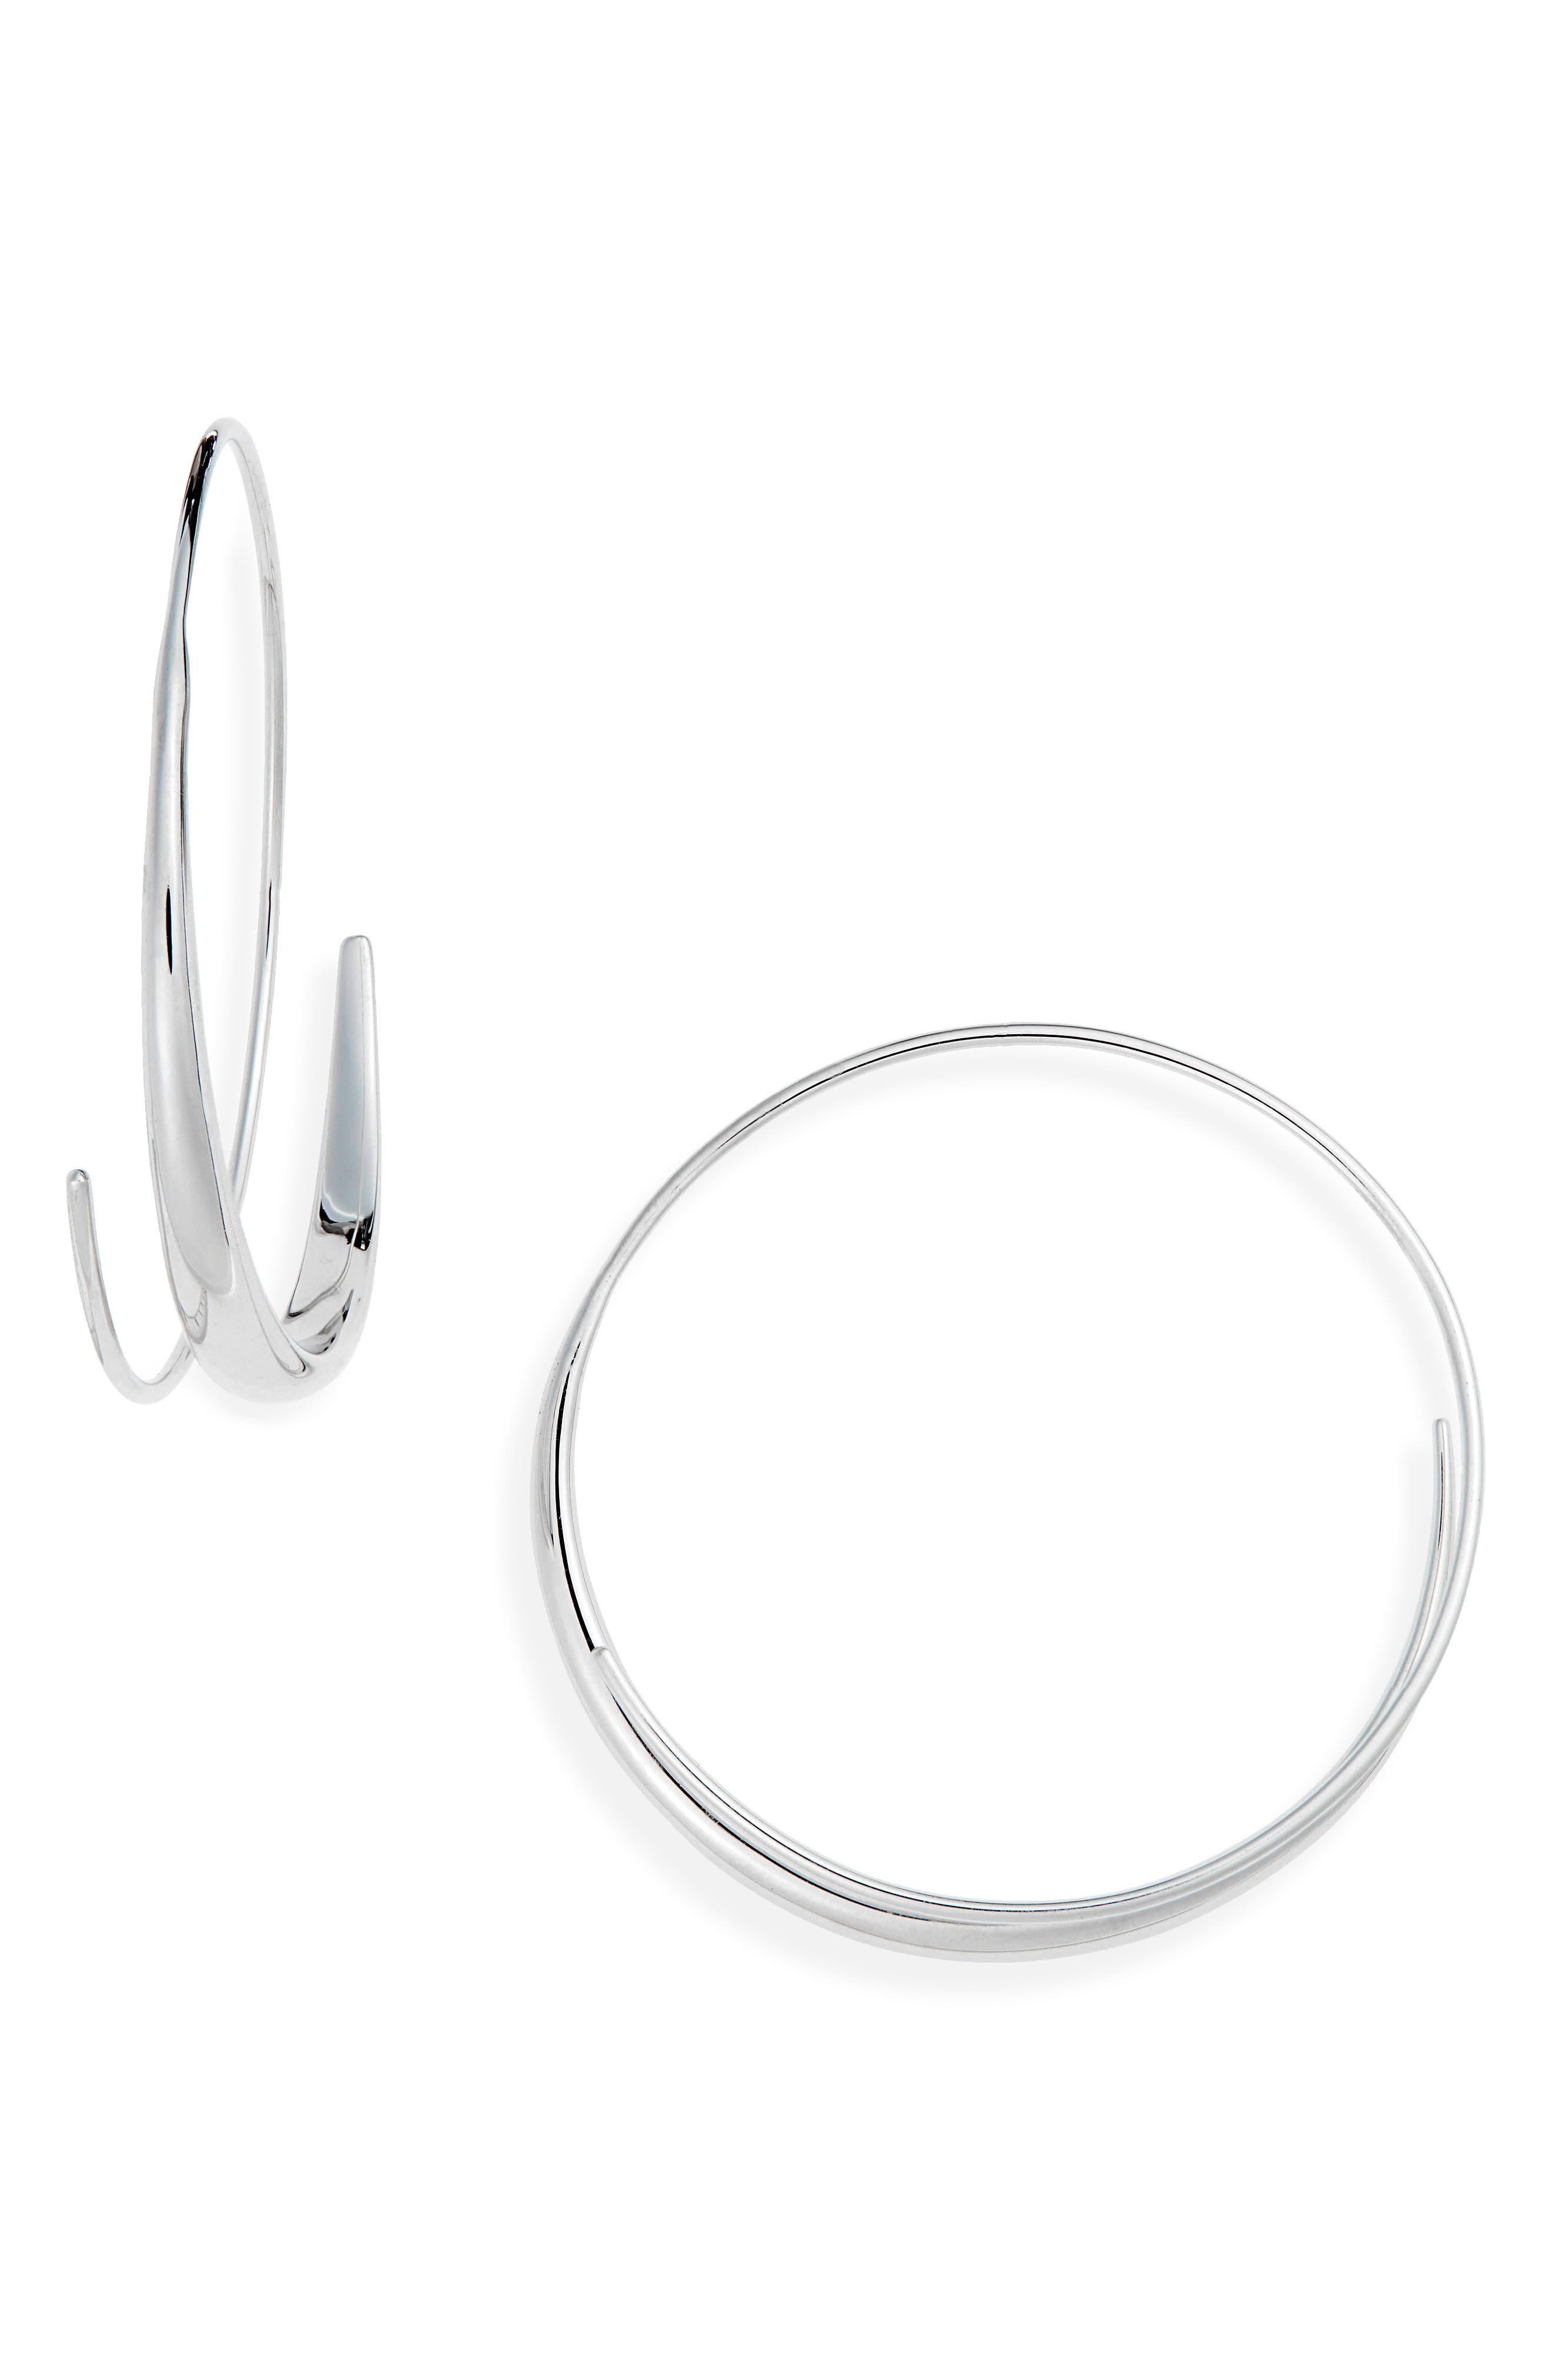 Large Ear Loop Earrings,                             Main thumbnail 1, color,                             925 STERLING SILVER